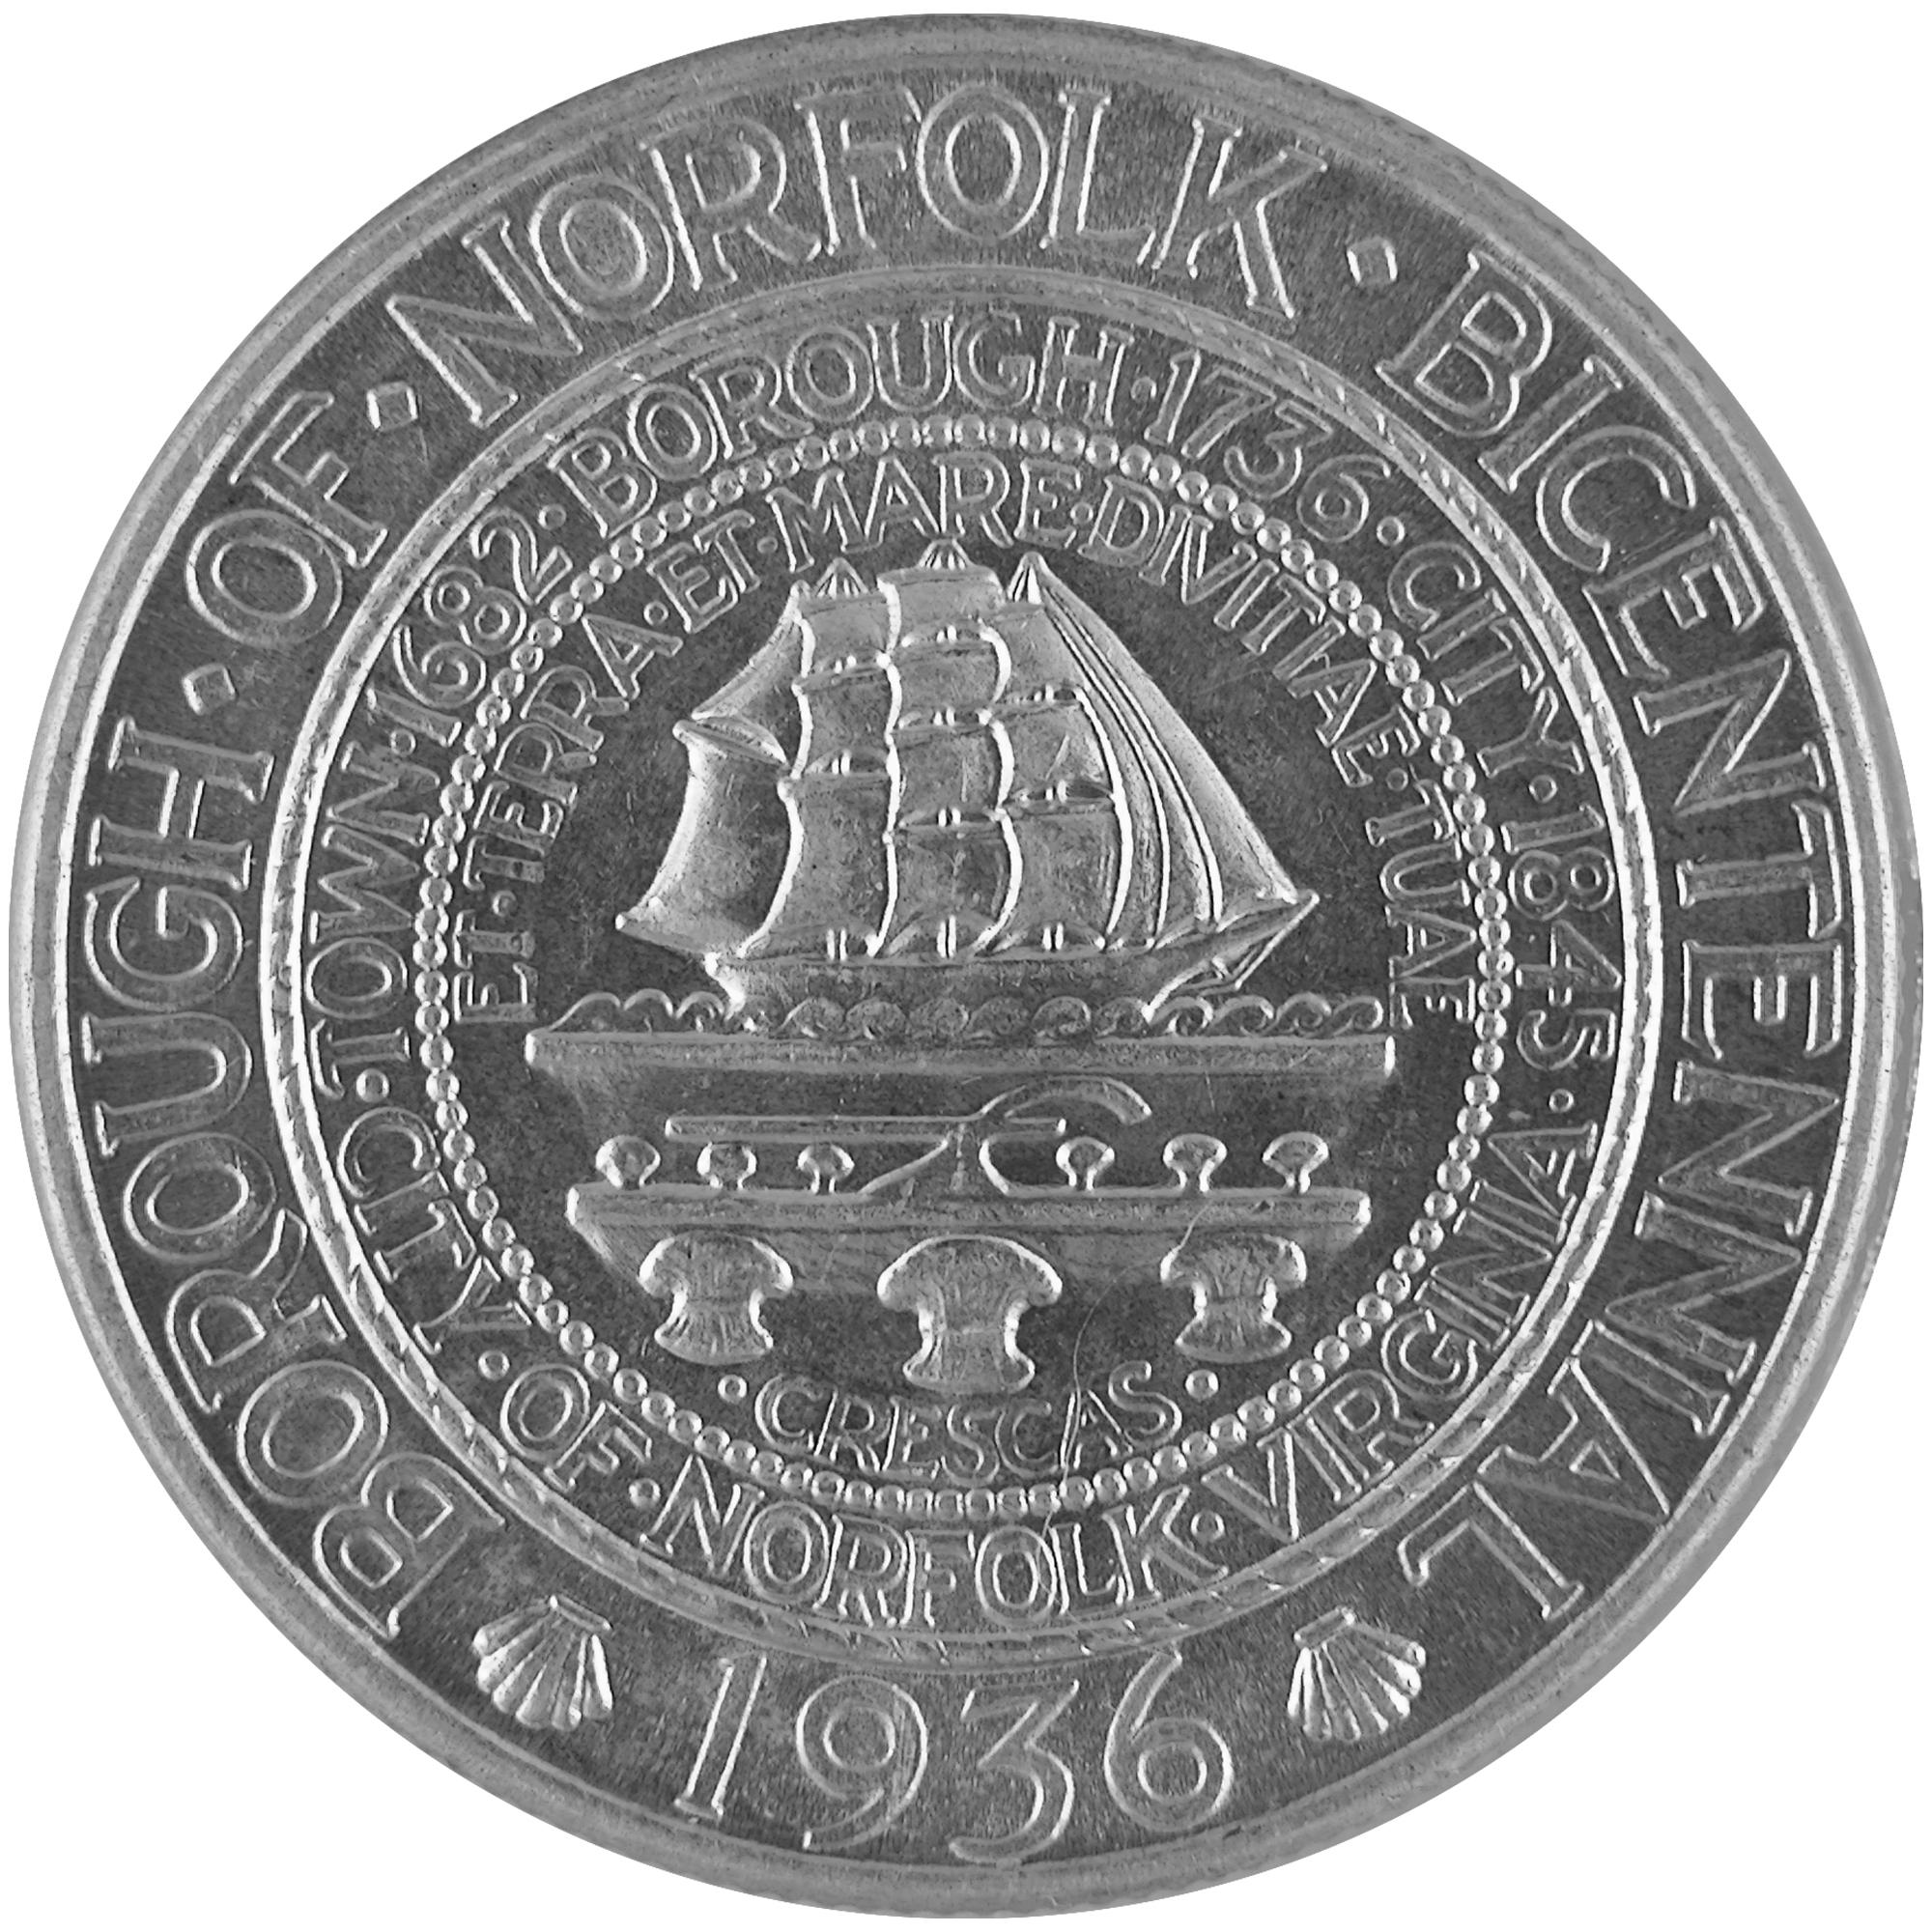 1936 Norfolk Virginia Bicentennial Commemorative Silver Half Dollar Coin Obverse